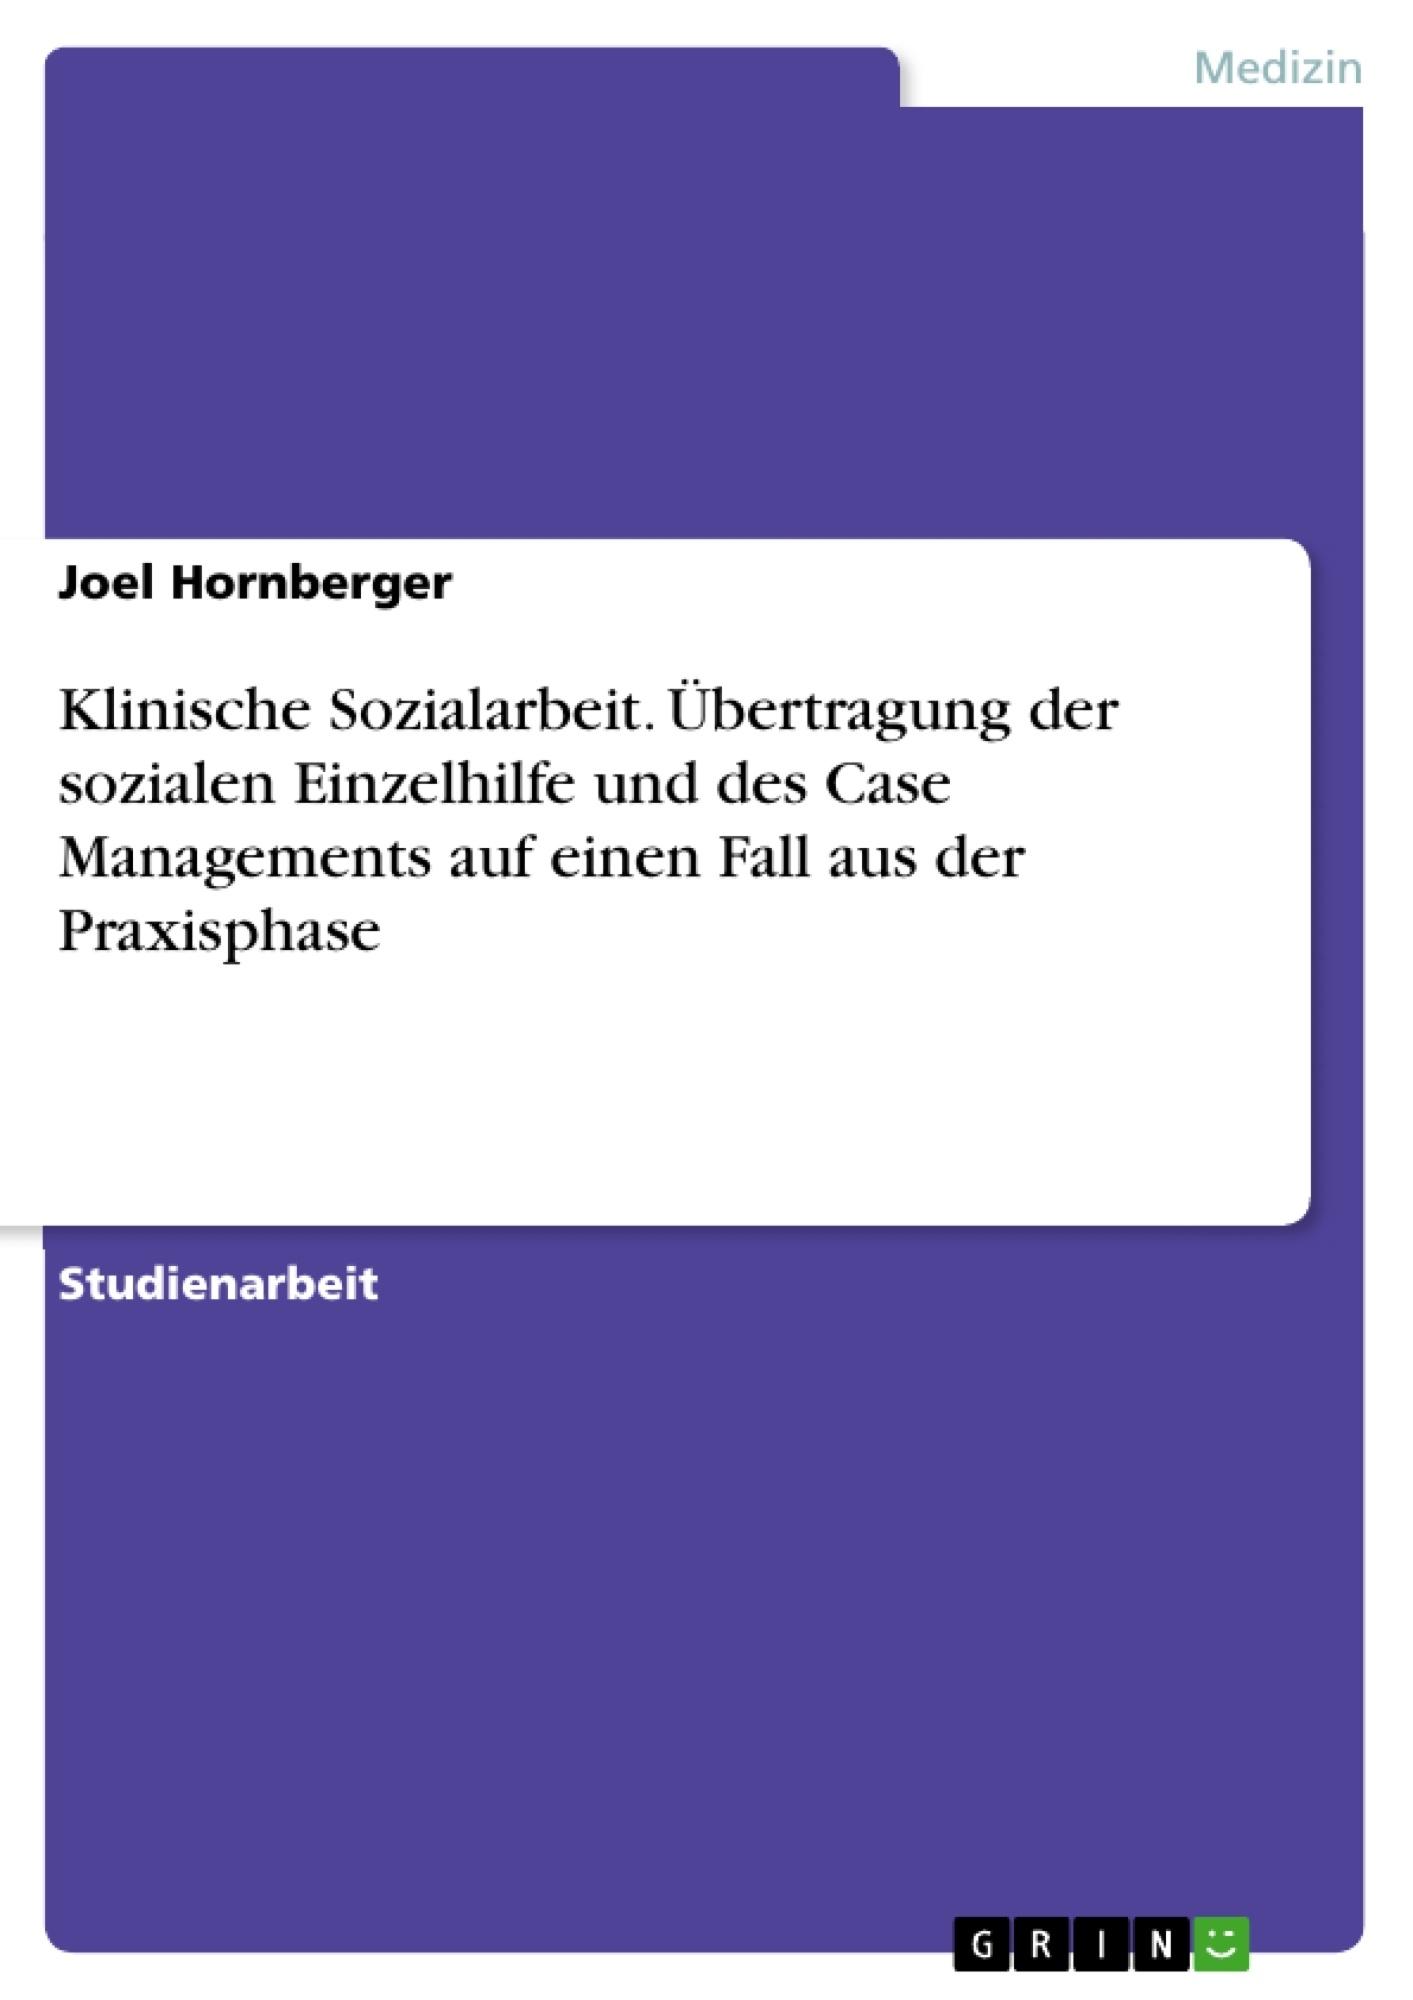 Titel: Klinische Sozialarbeit. Übertragung der sozialen Einzelhilfe und des Case Managements auf einen Fall aus der Praxisphase